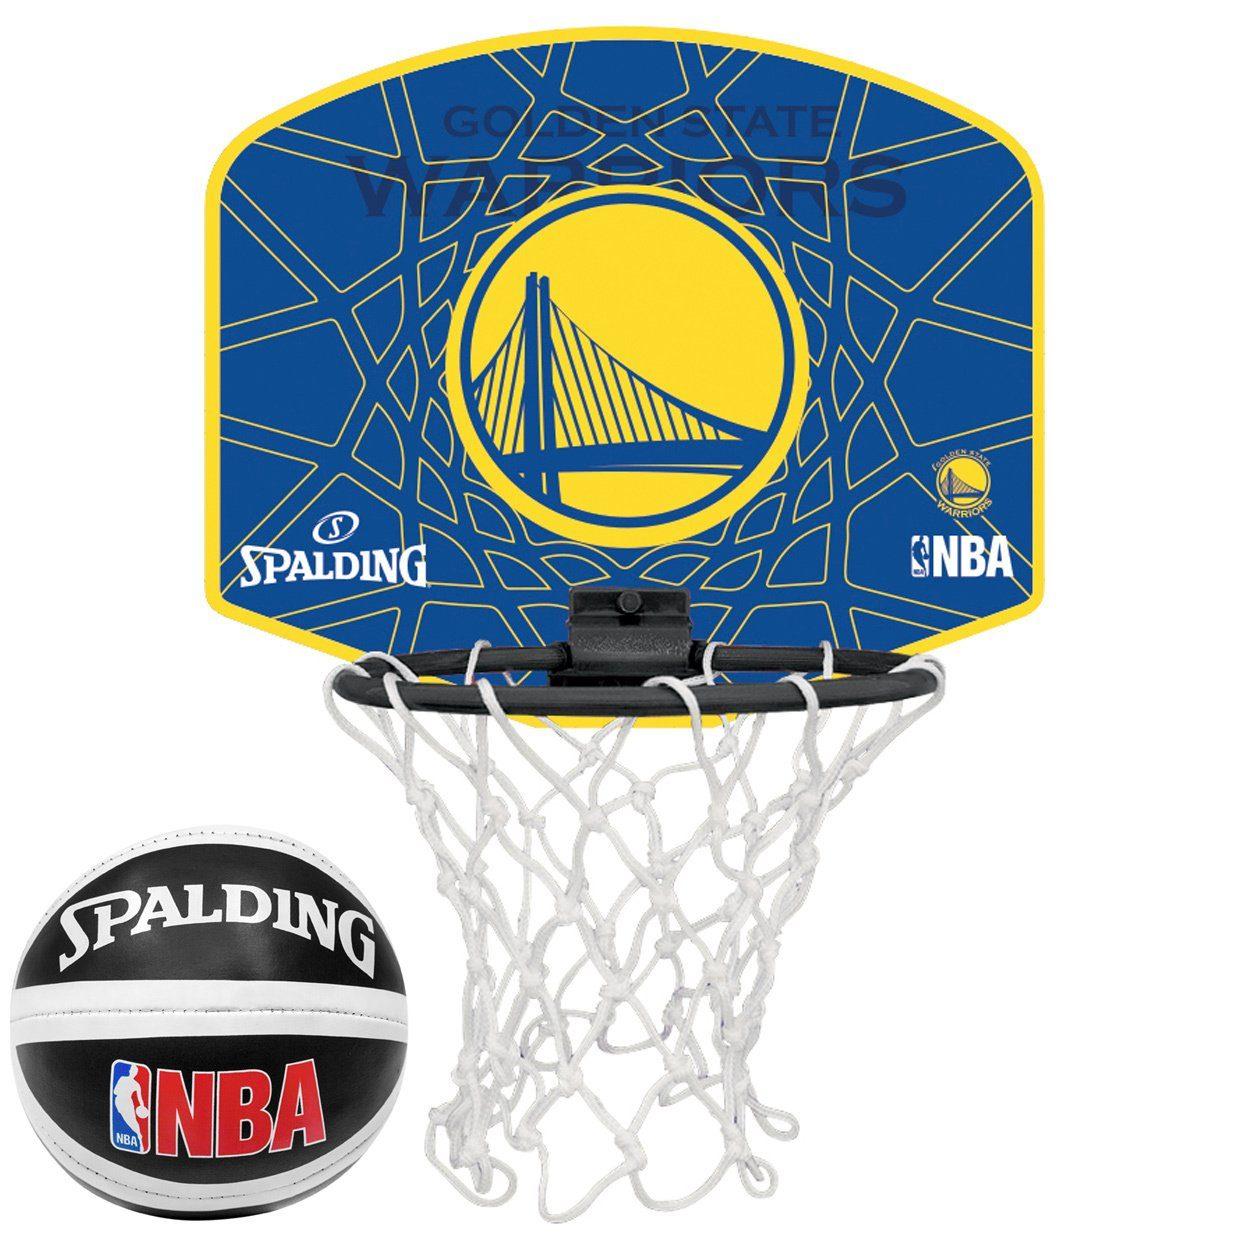 SPALDING NBA Golden State Warriors Miniboard